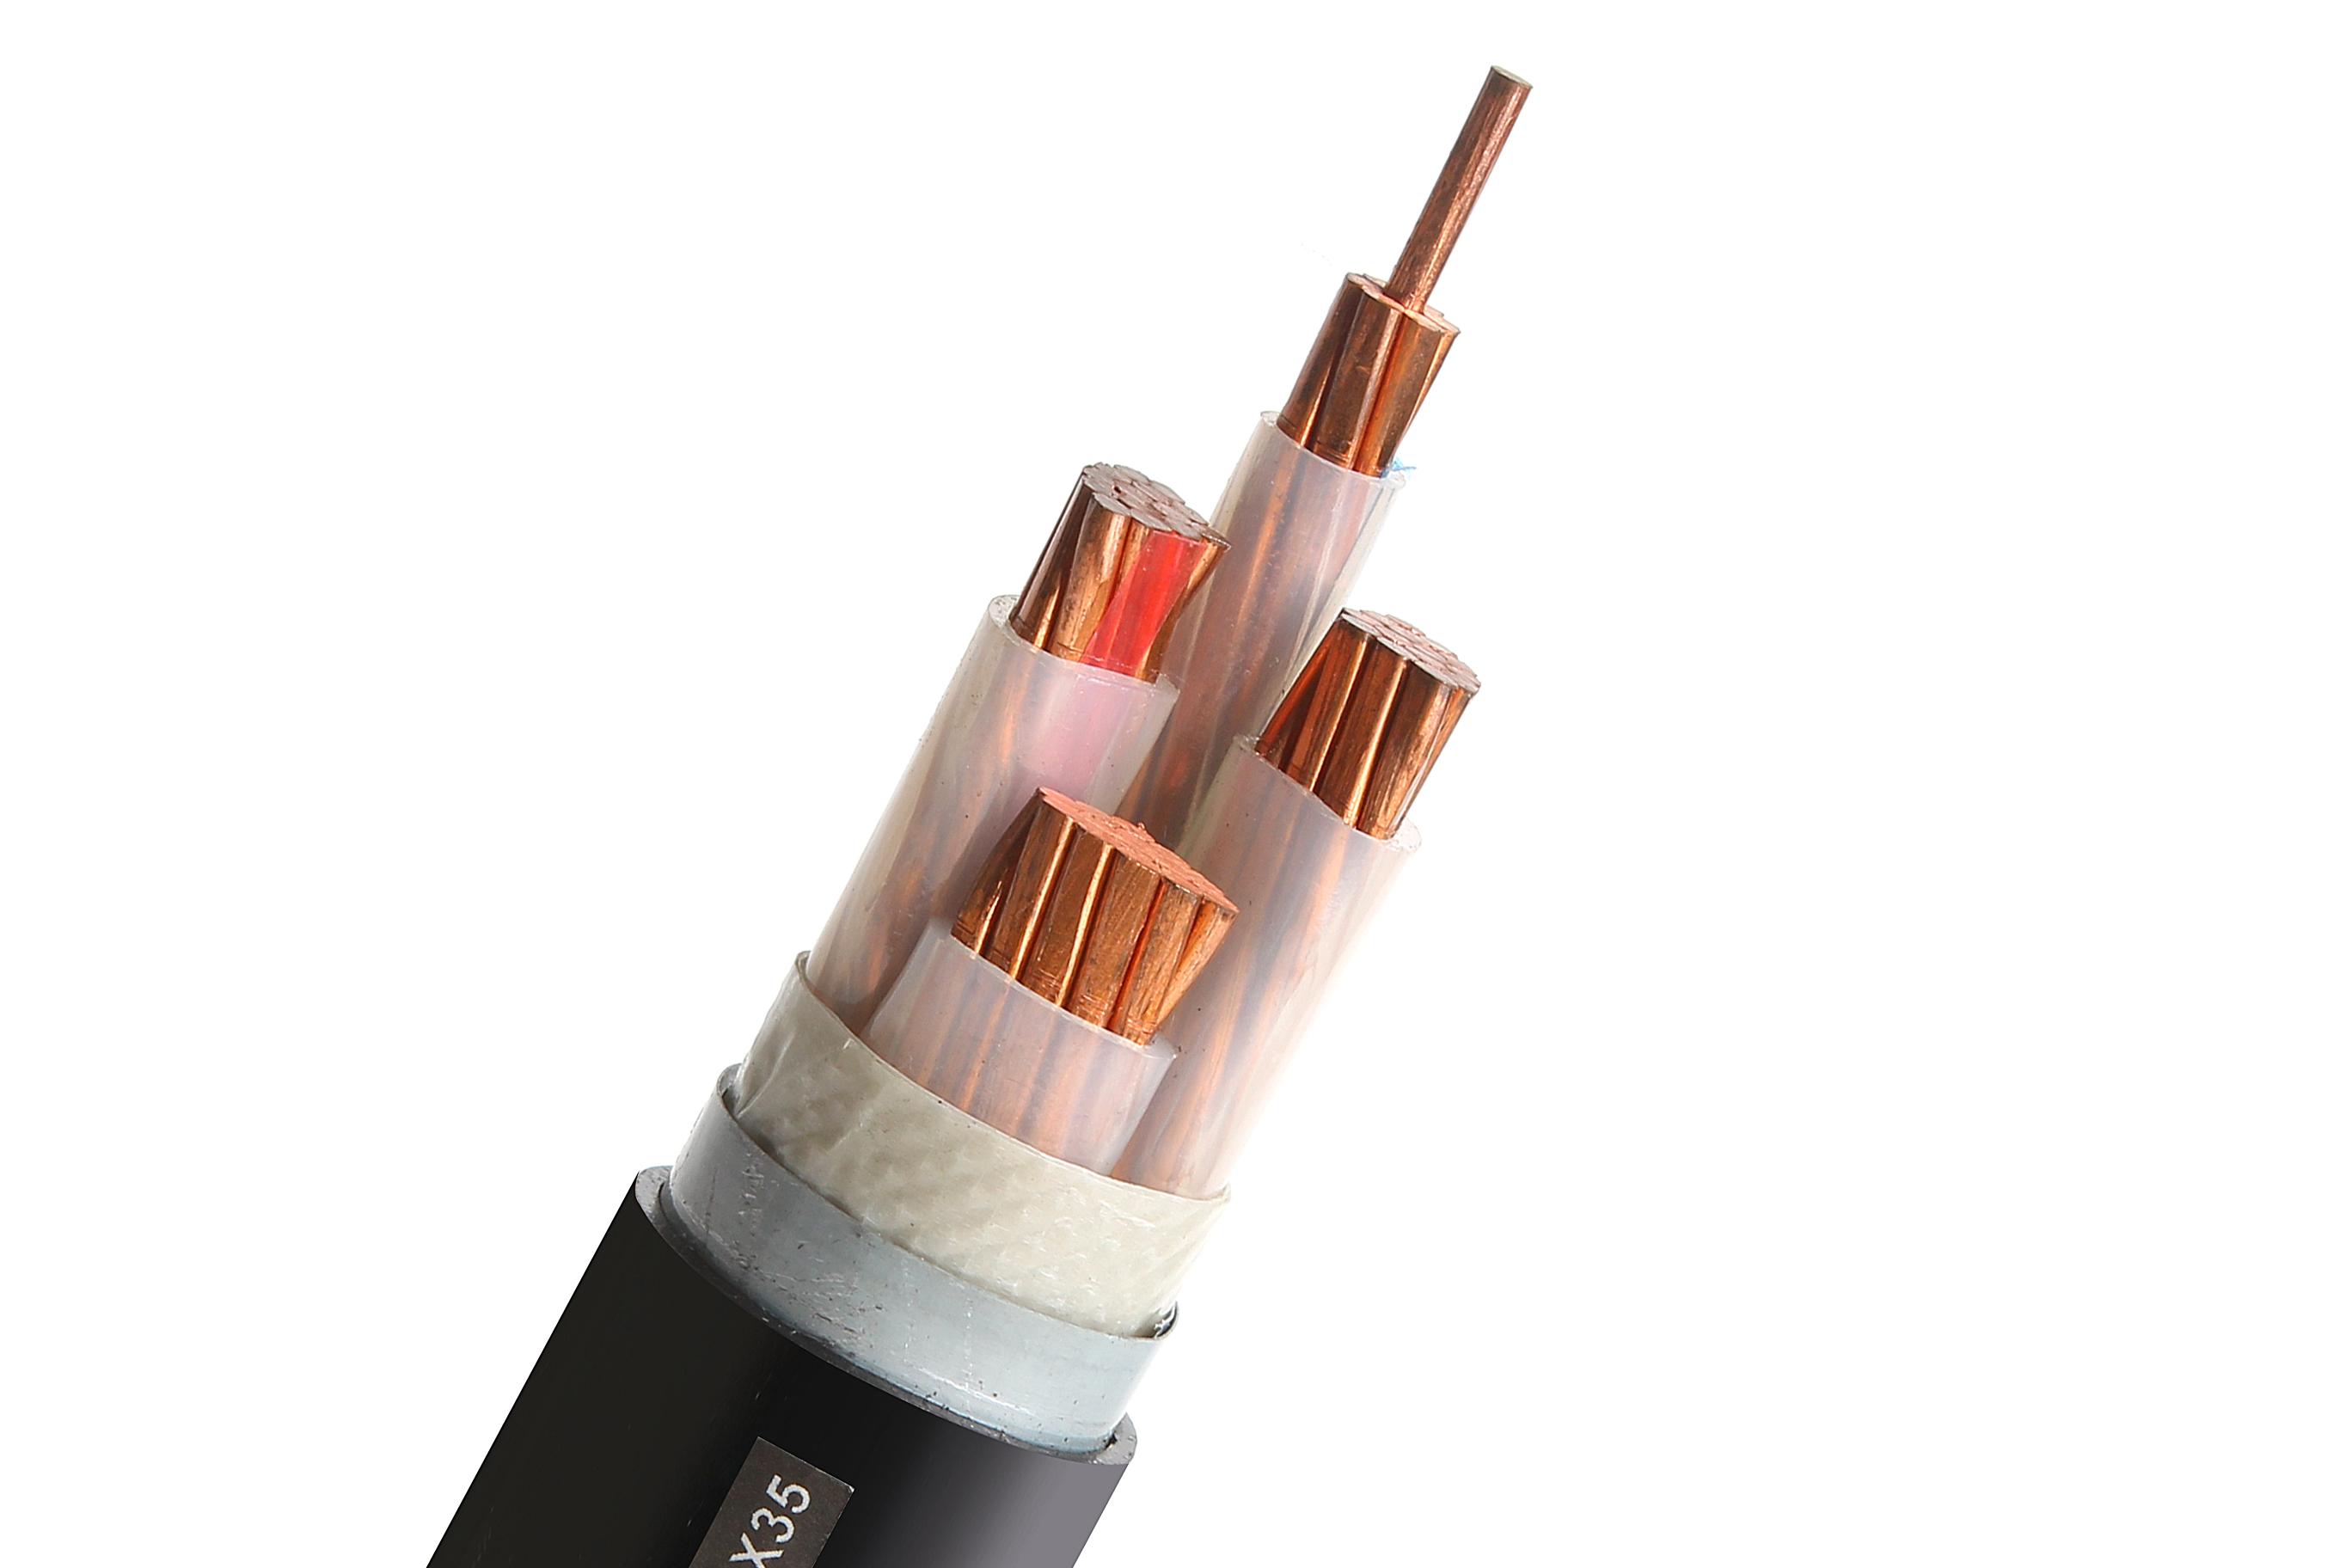 良心又贴心的电线电缆【杭州安信】